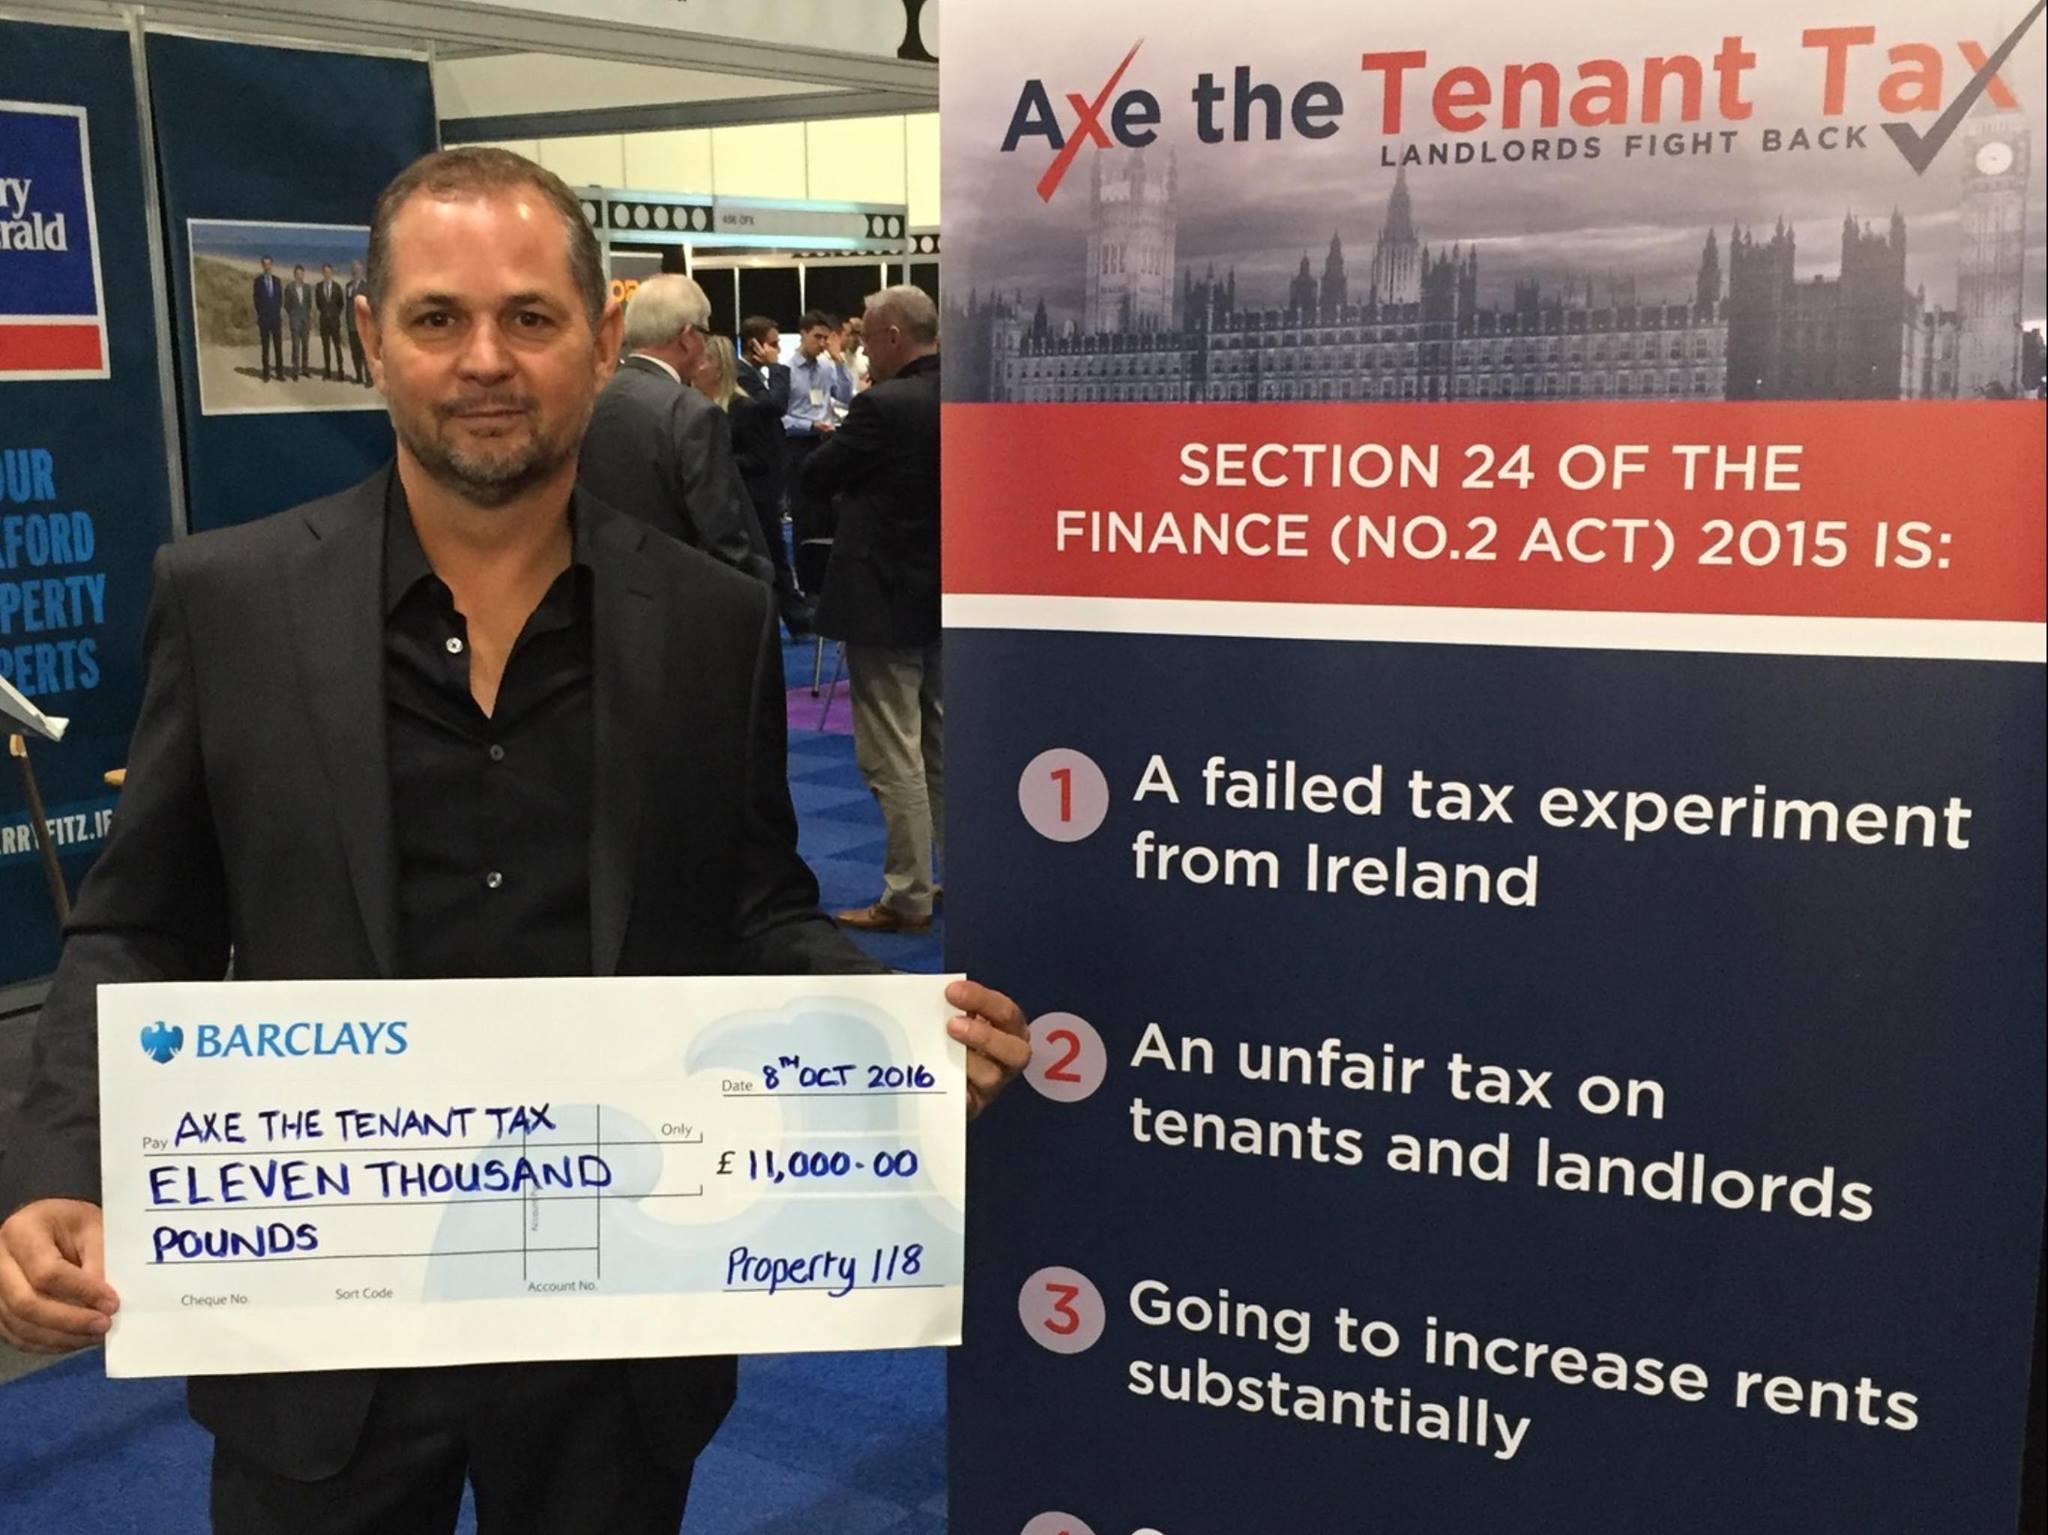 Axe The Tenant Tax